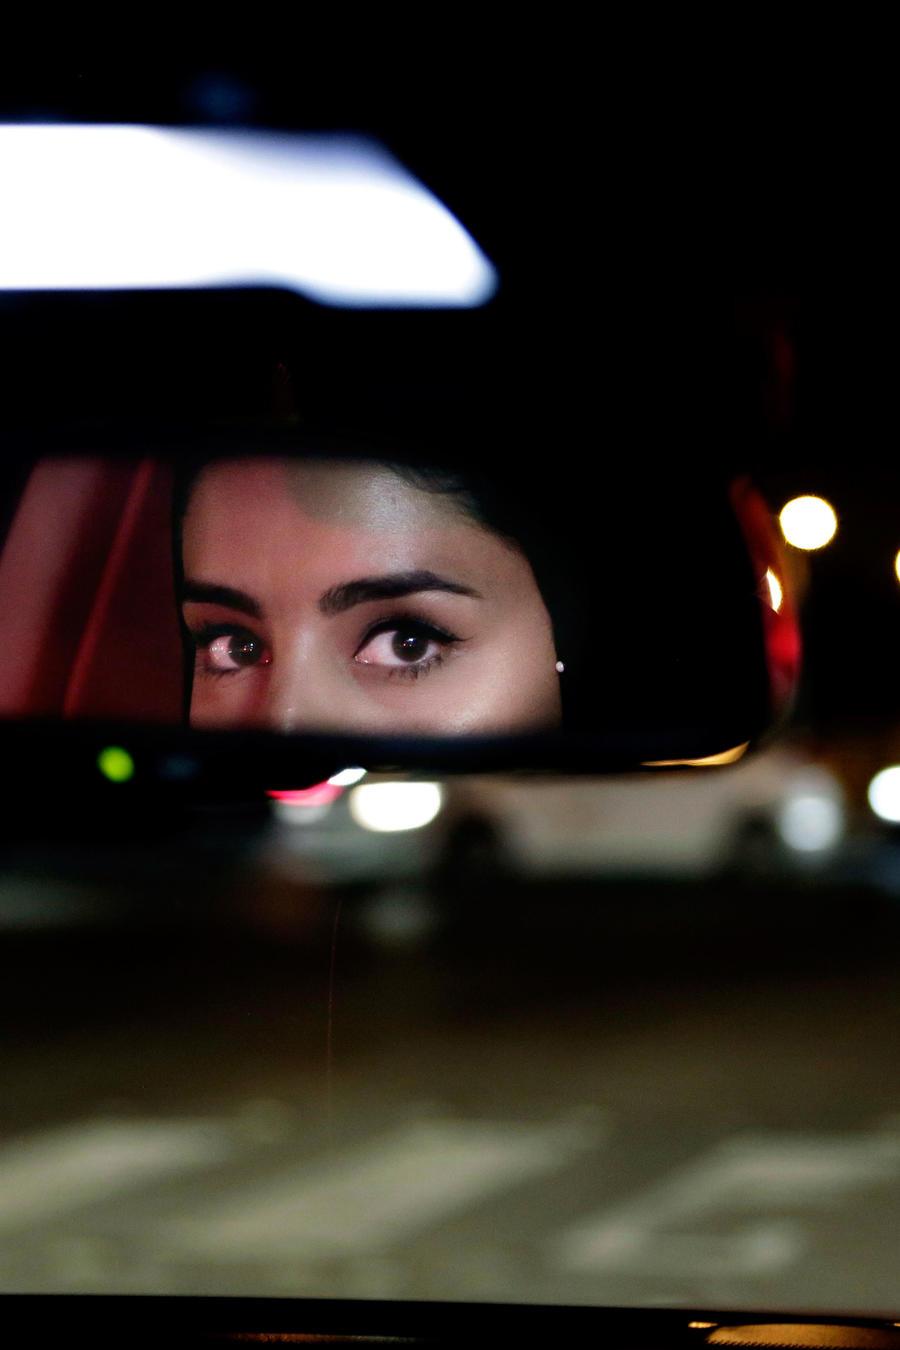 Una mujer al volante en Arabia Saudí